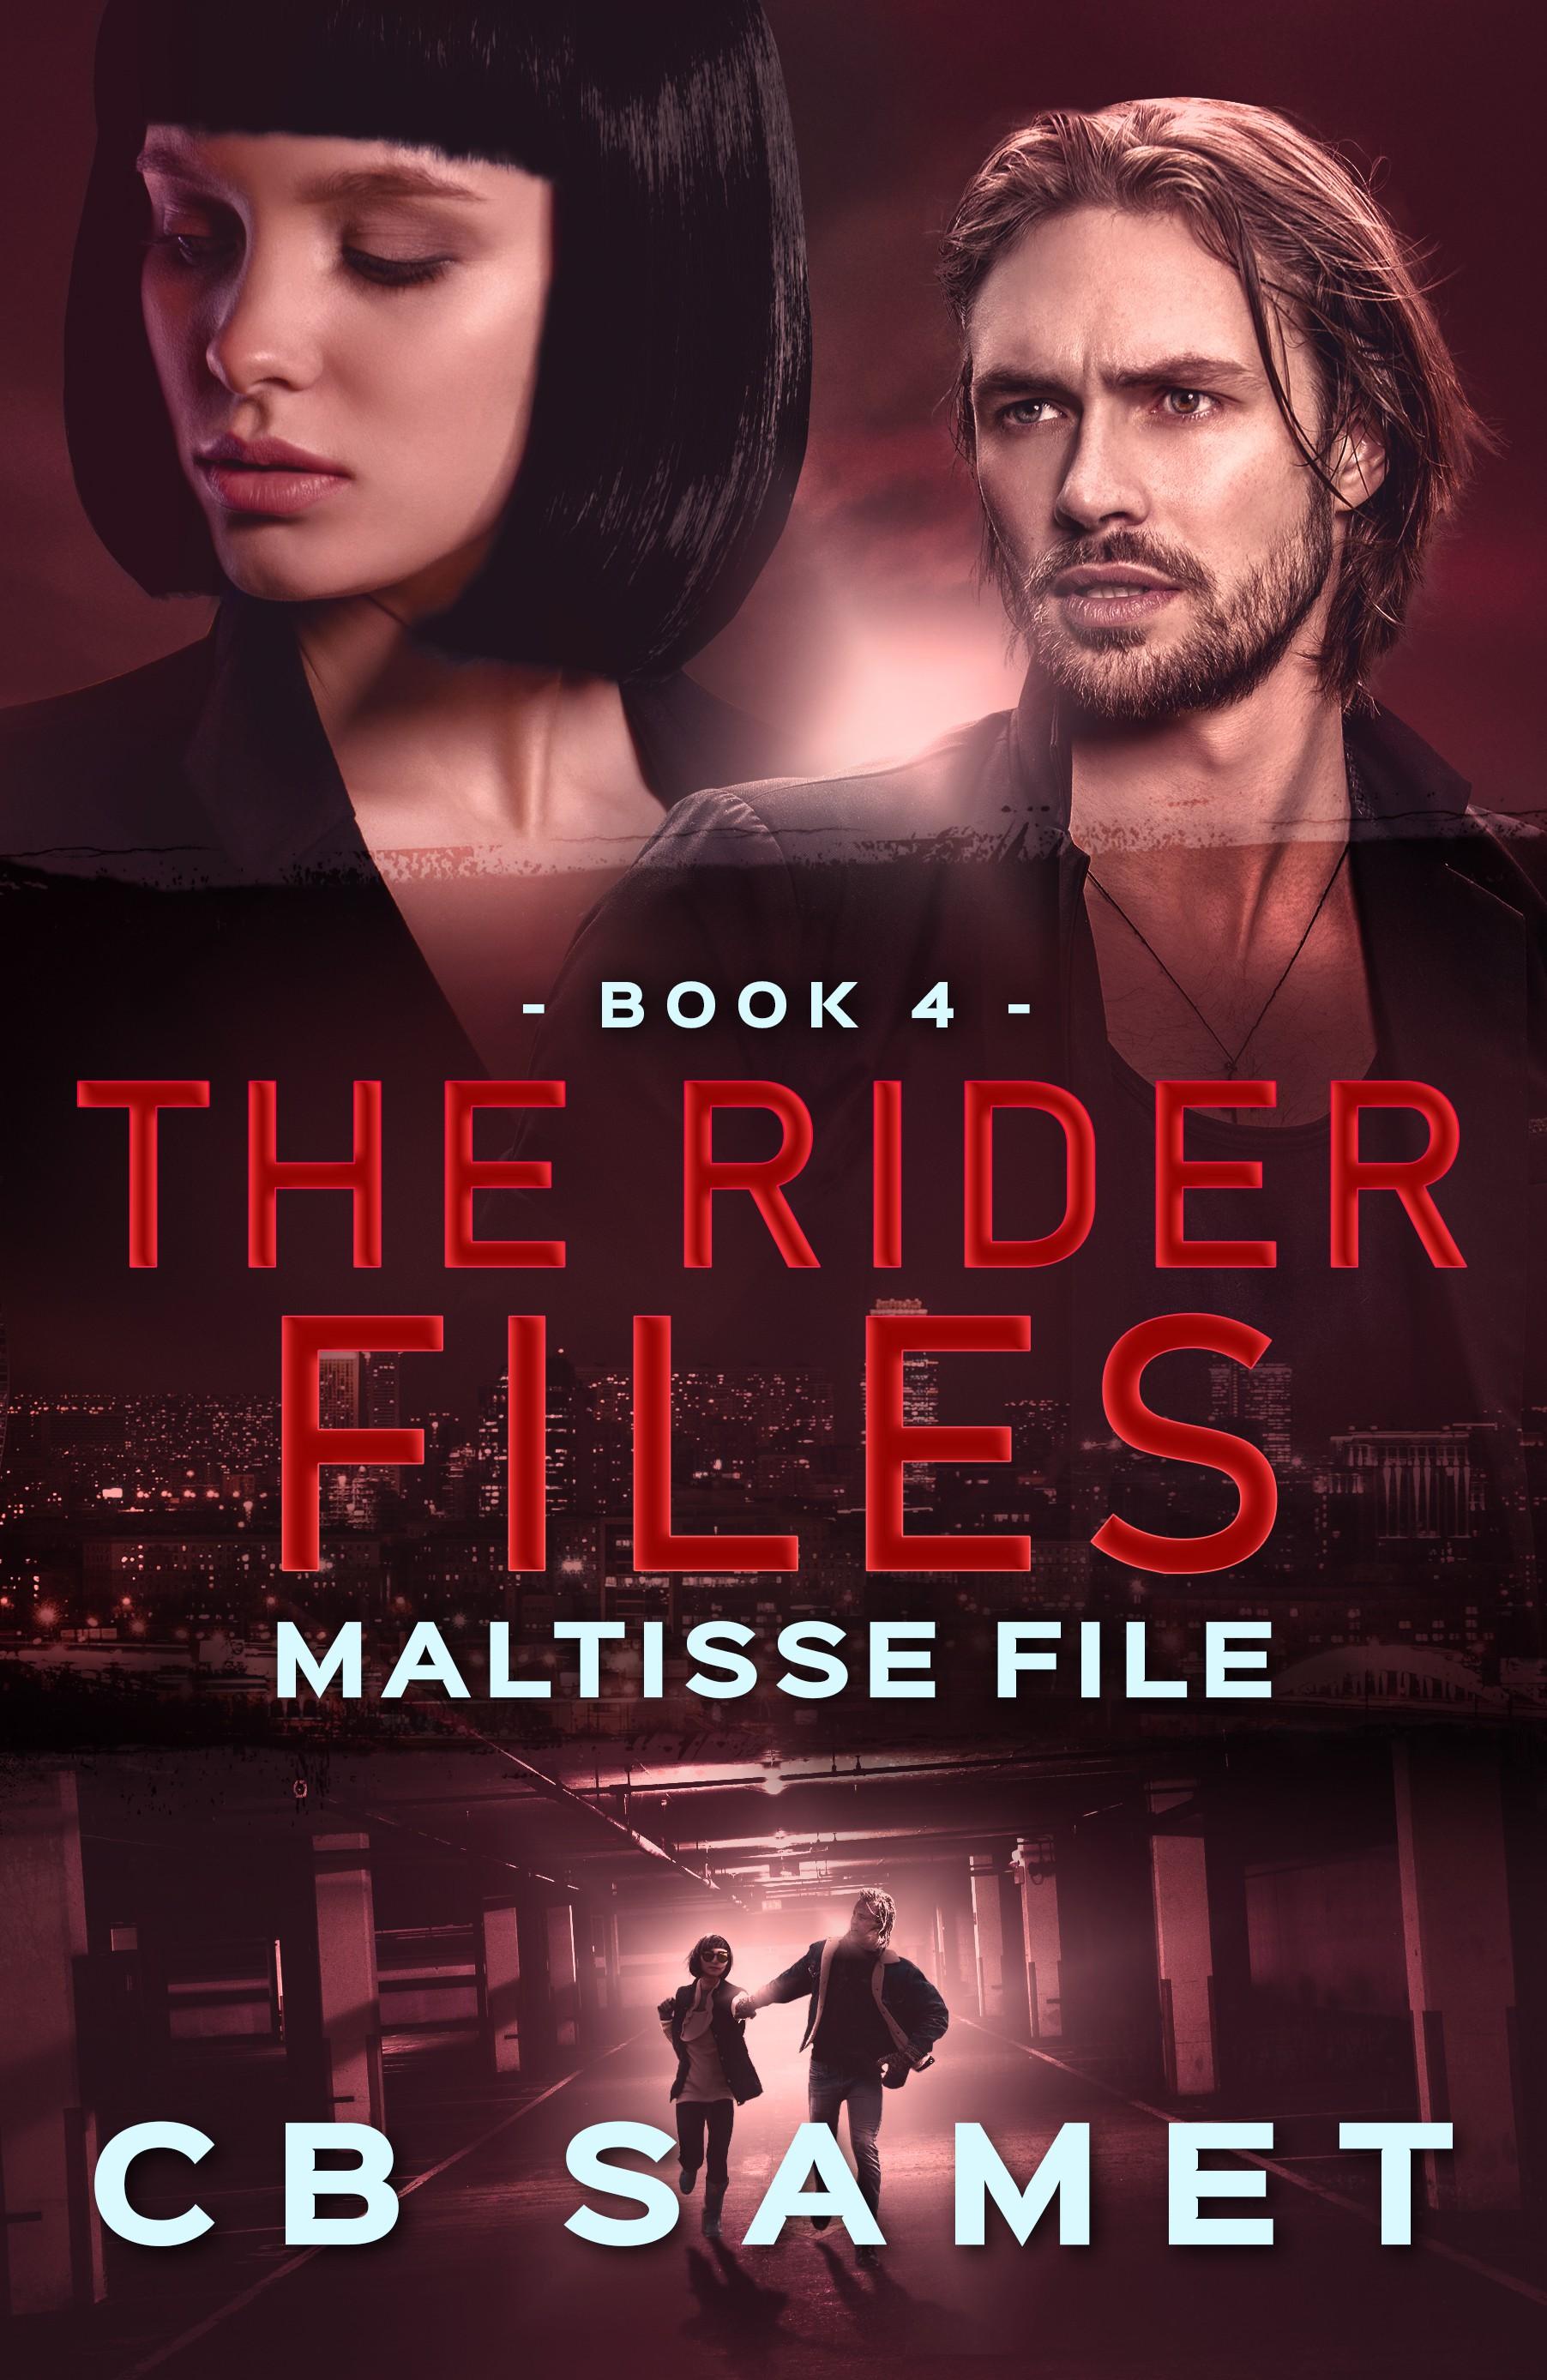 Maltisse File, The Rider File Book 4